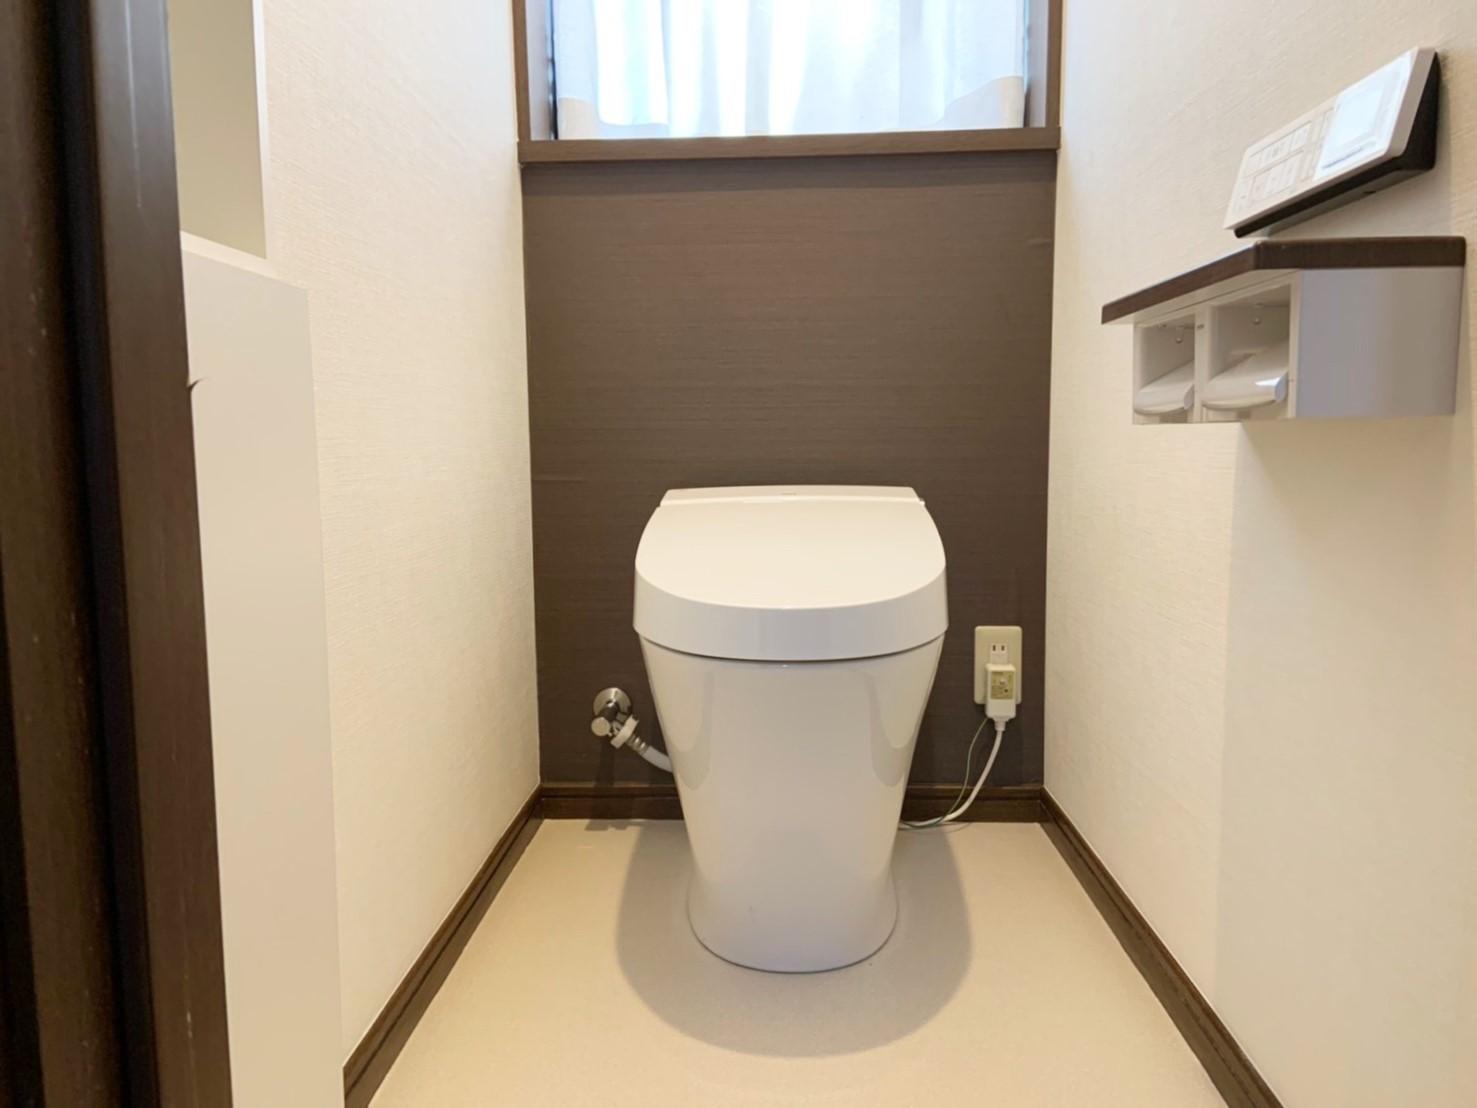 リフォーム工事後のタンクレストイレ